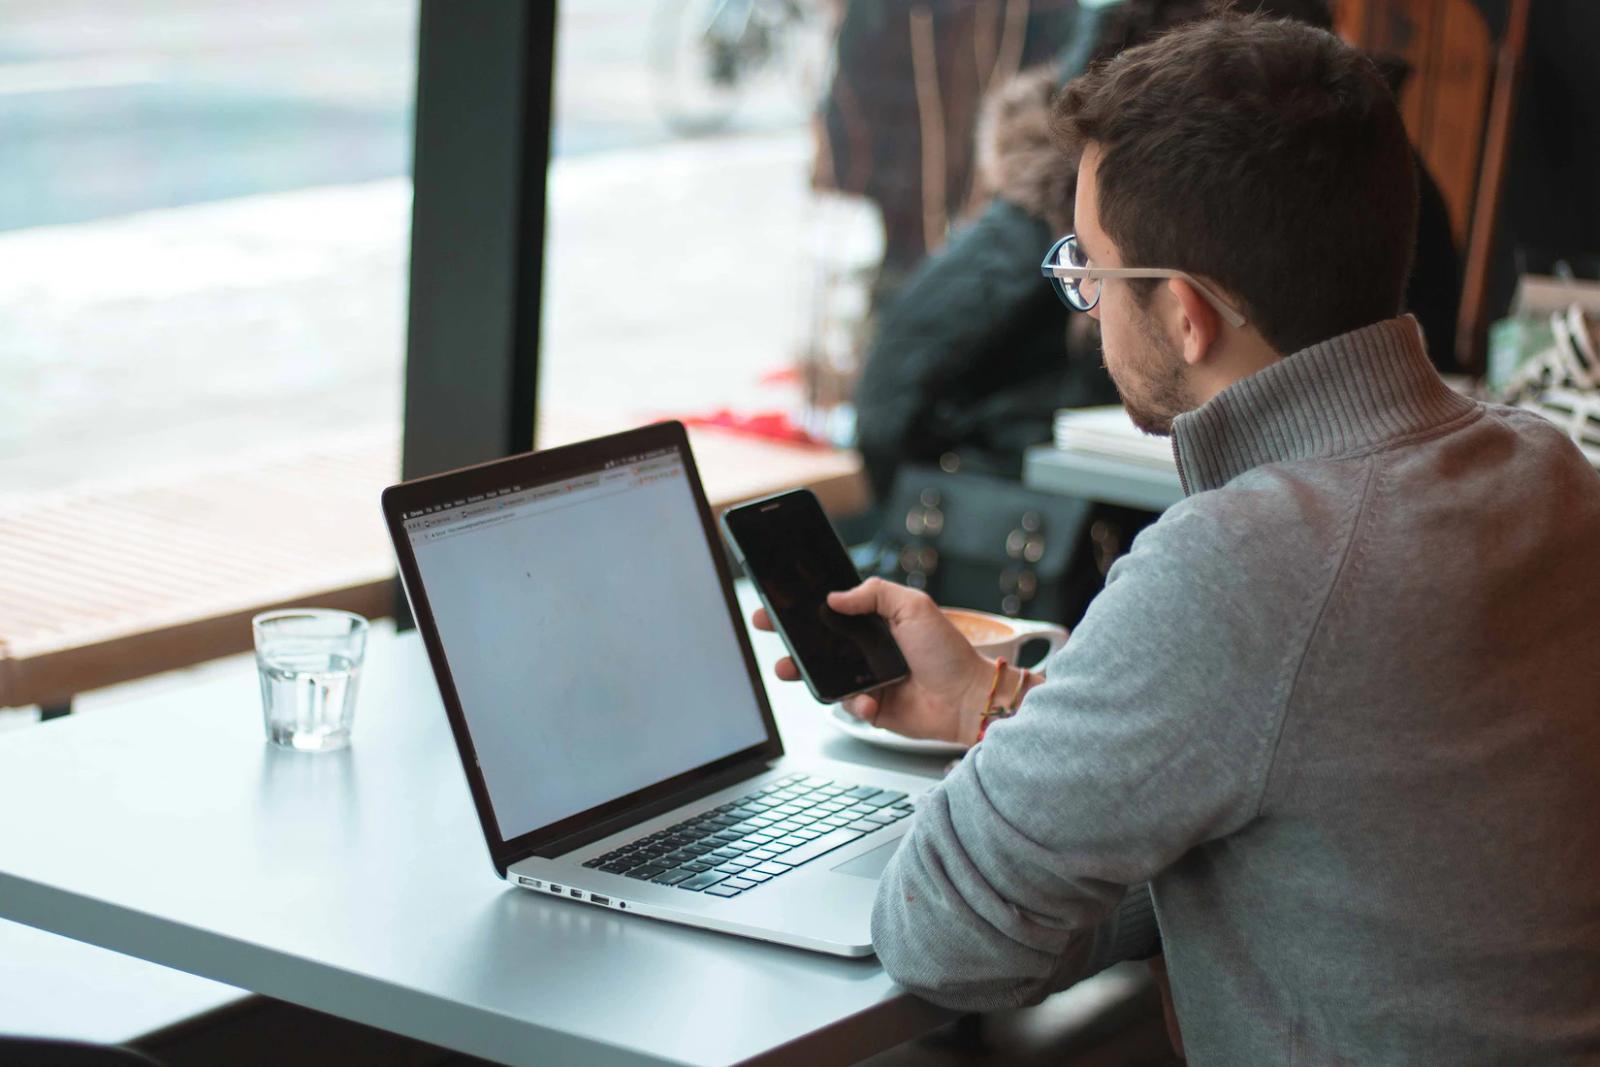 Три проблемы удаленной работы личный опыт от разработчика до менеджера